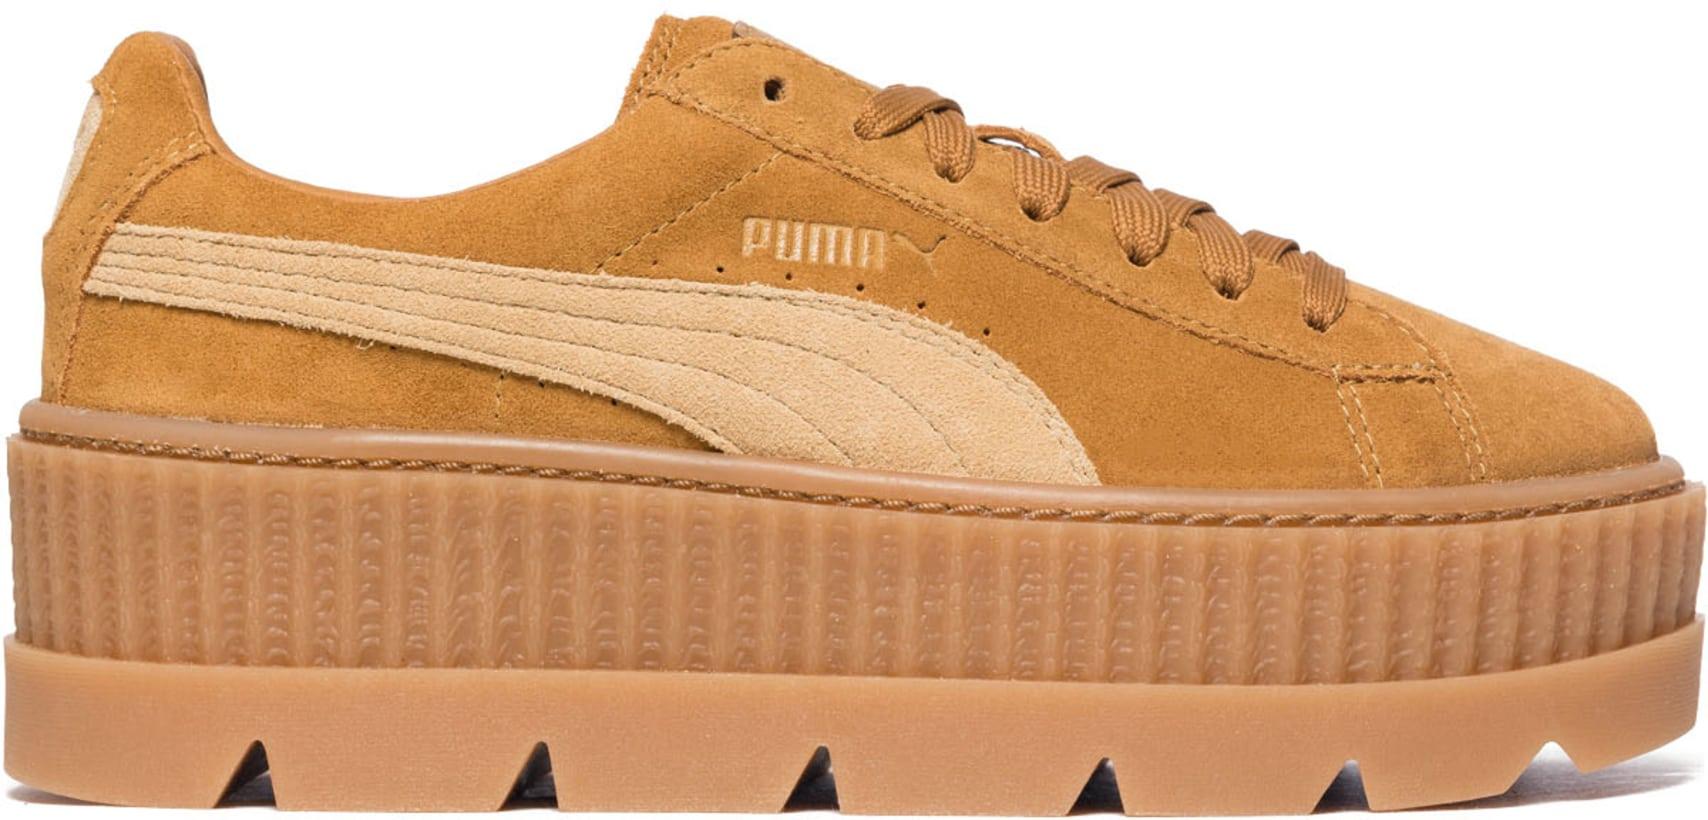 release date: 94a96 8ce68 Puma - Fenty Cleated Creeper - Brown Lark